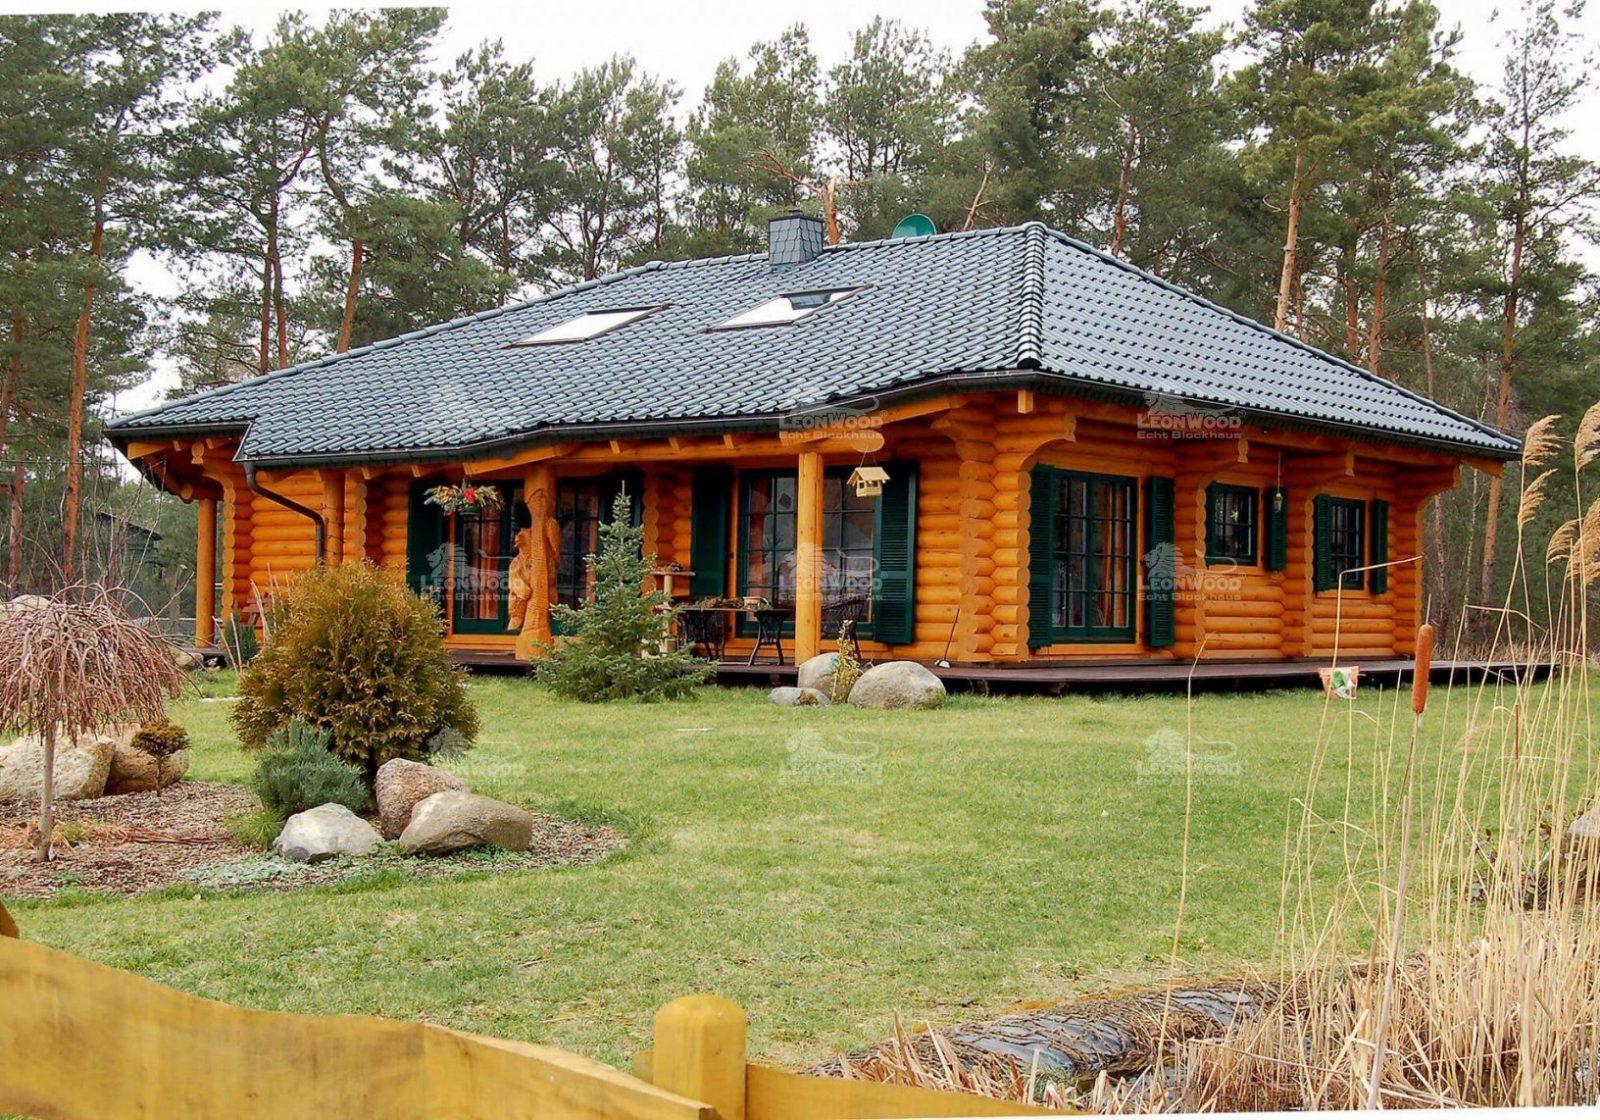 Detailseite Blockhaus  Léonwood von Haus In Alaska Kaufen Bild